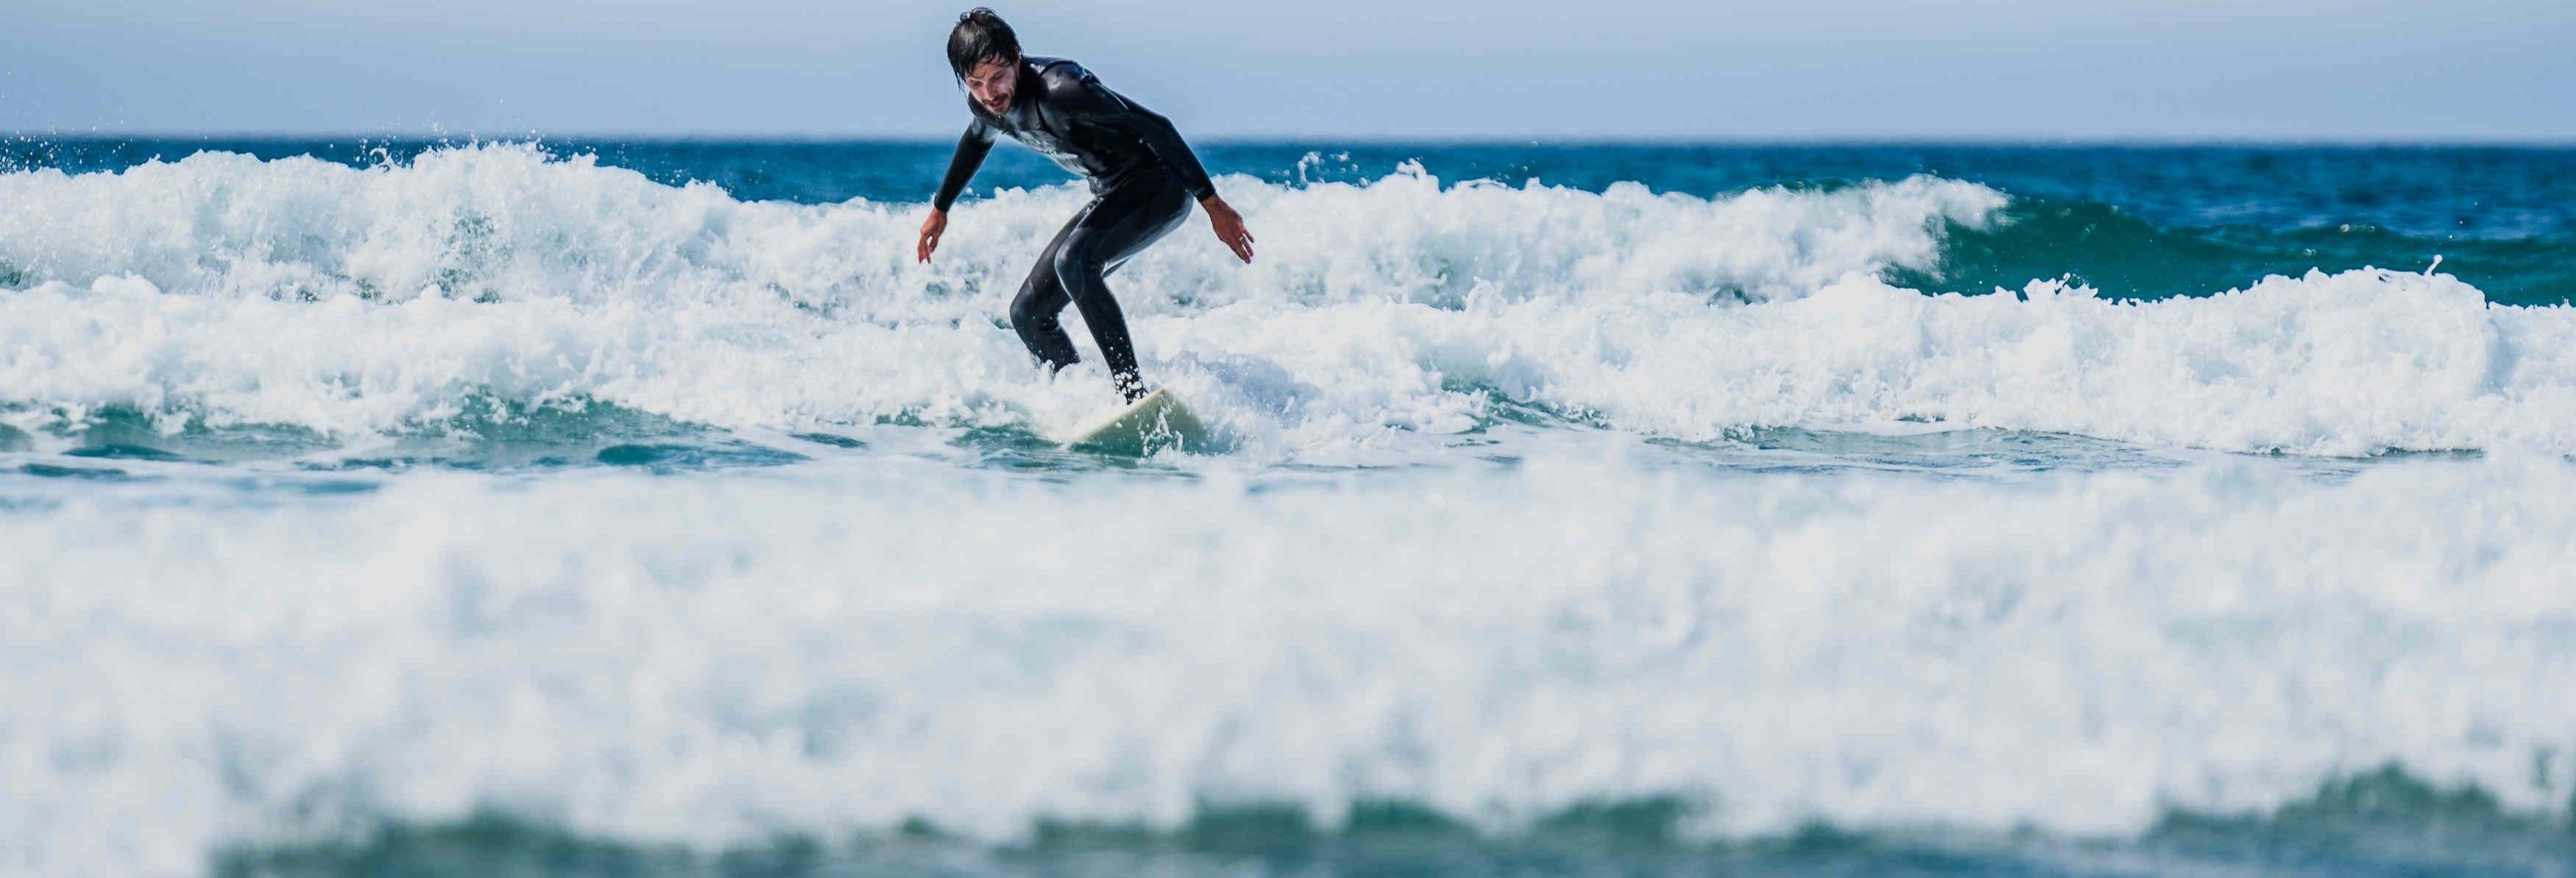 Curso de surf en El Palmar de Vejer